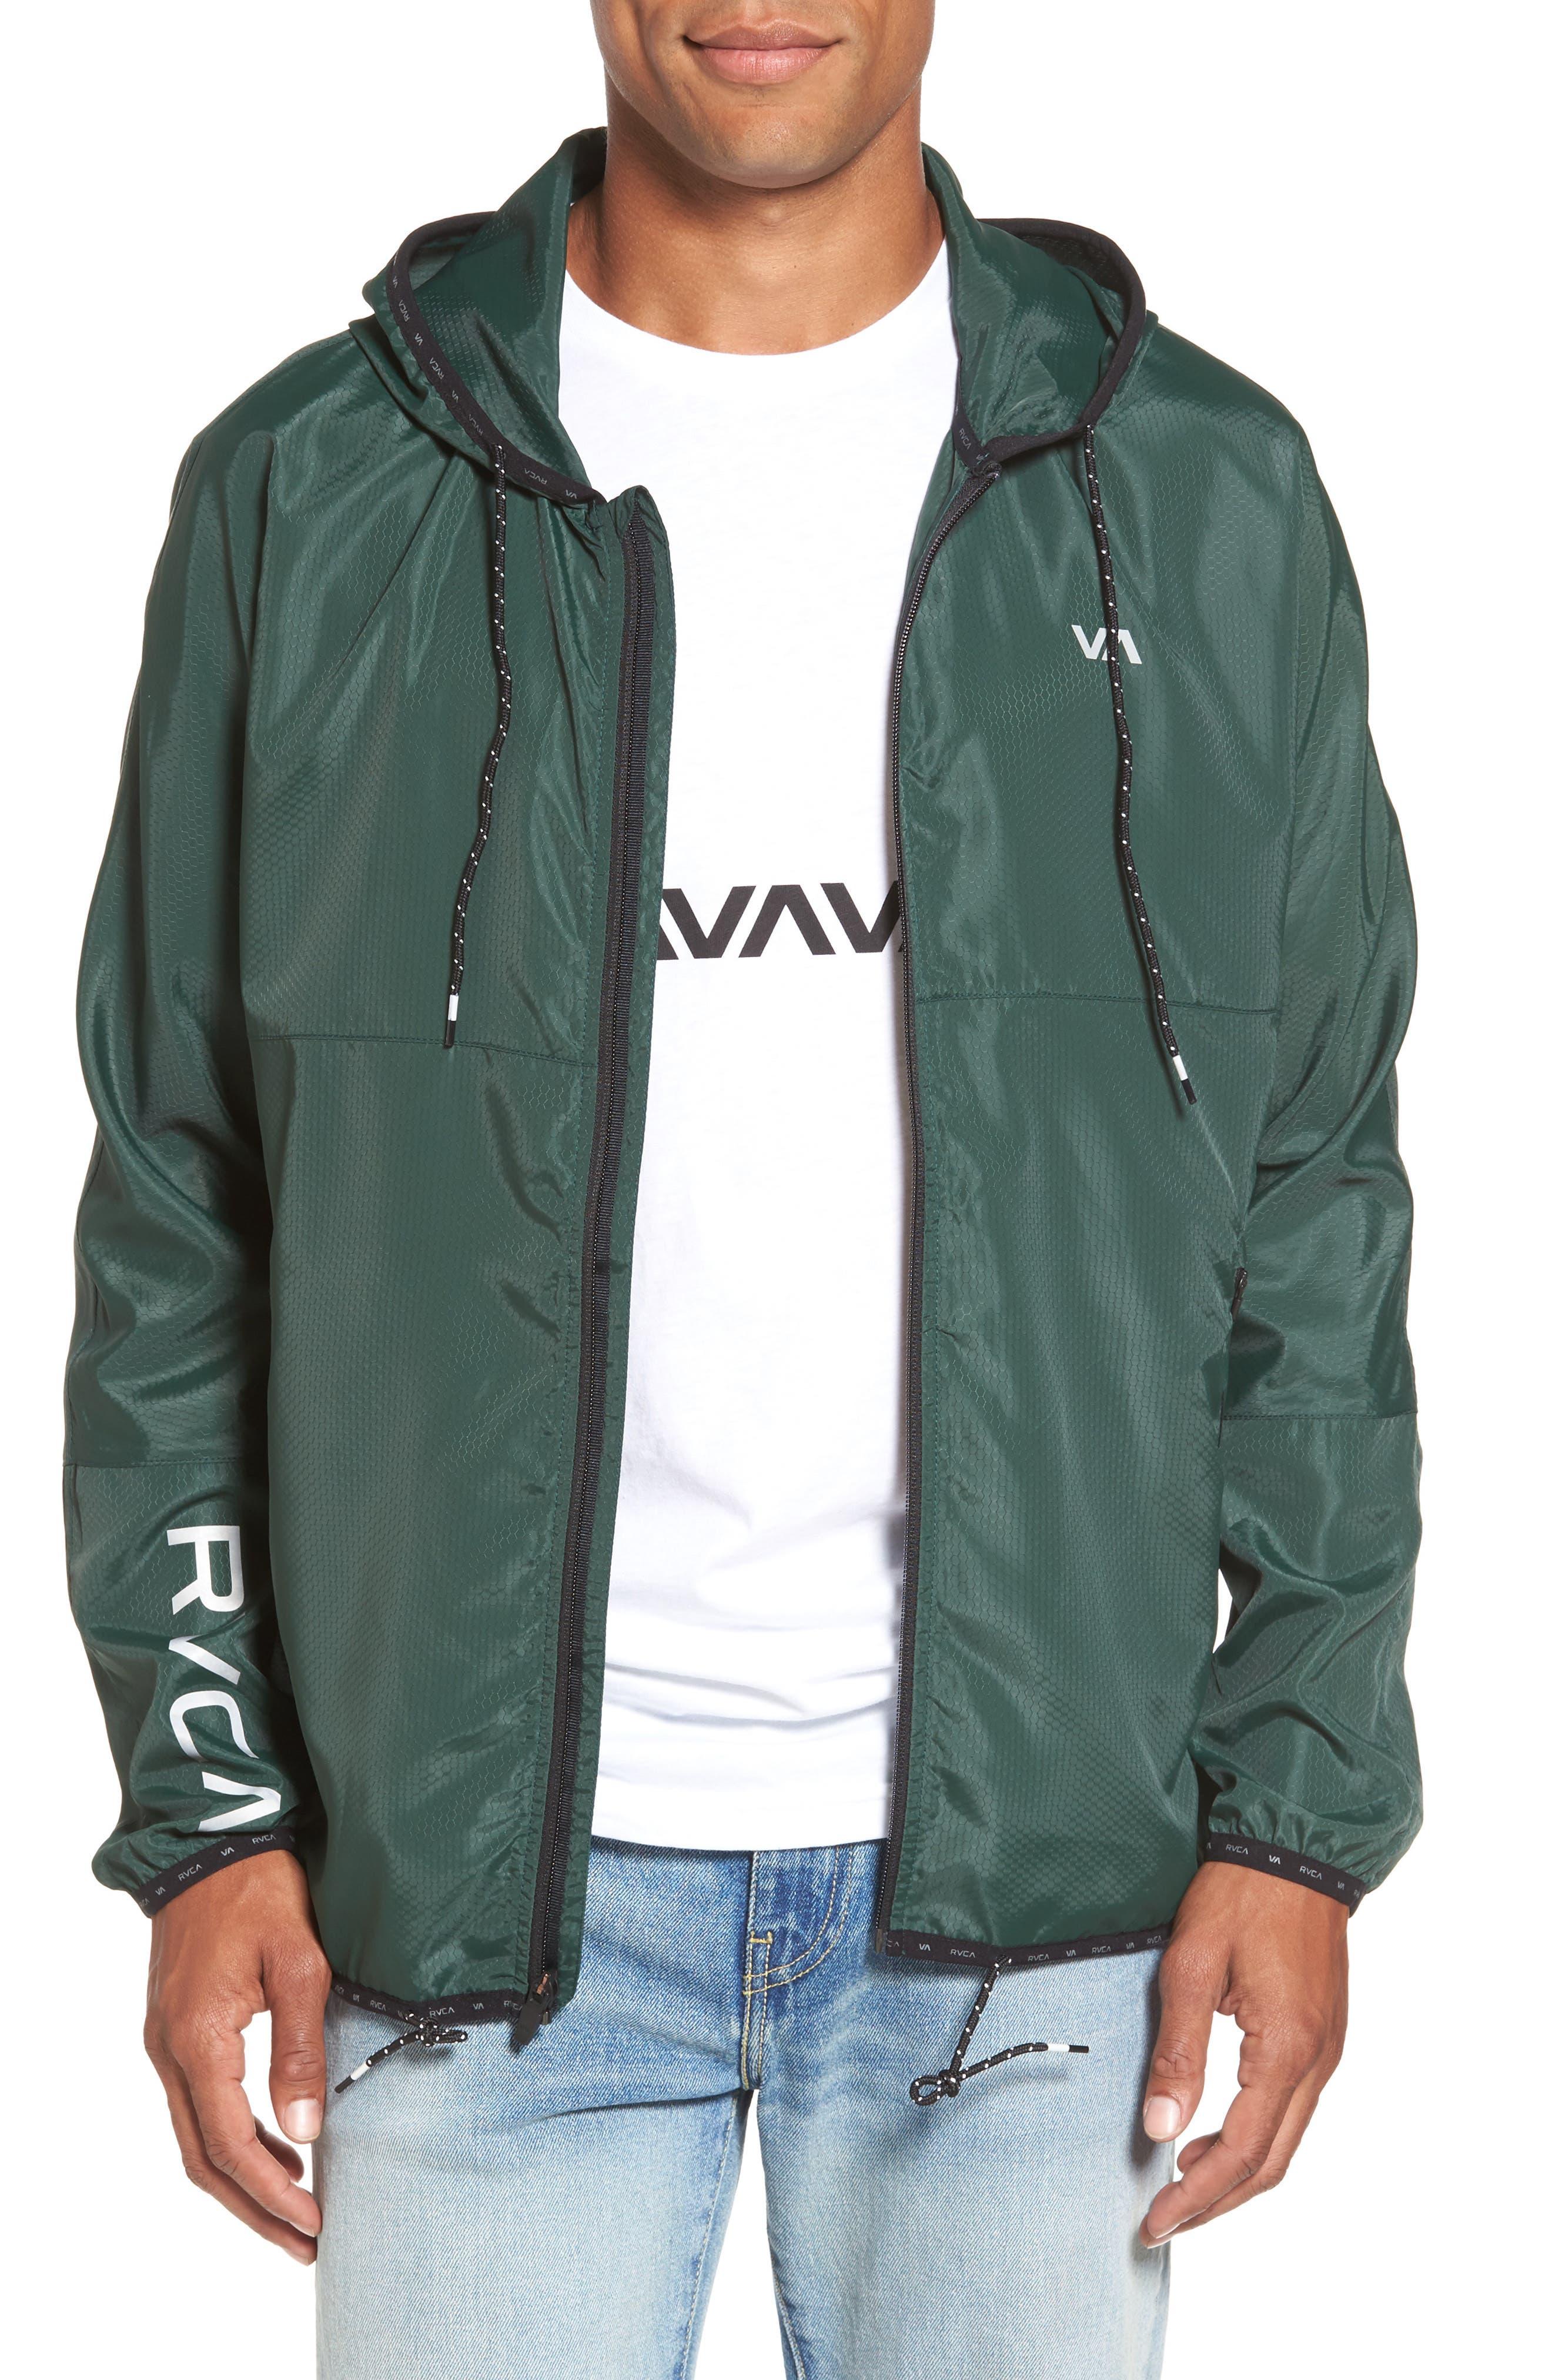 Main Image - RVCA Hexstop II Water Repellent Hooded Jacket